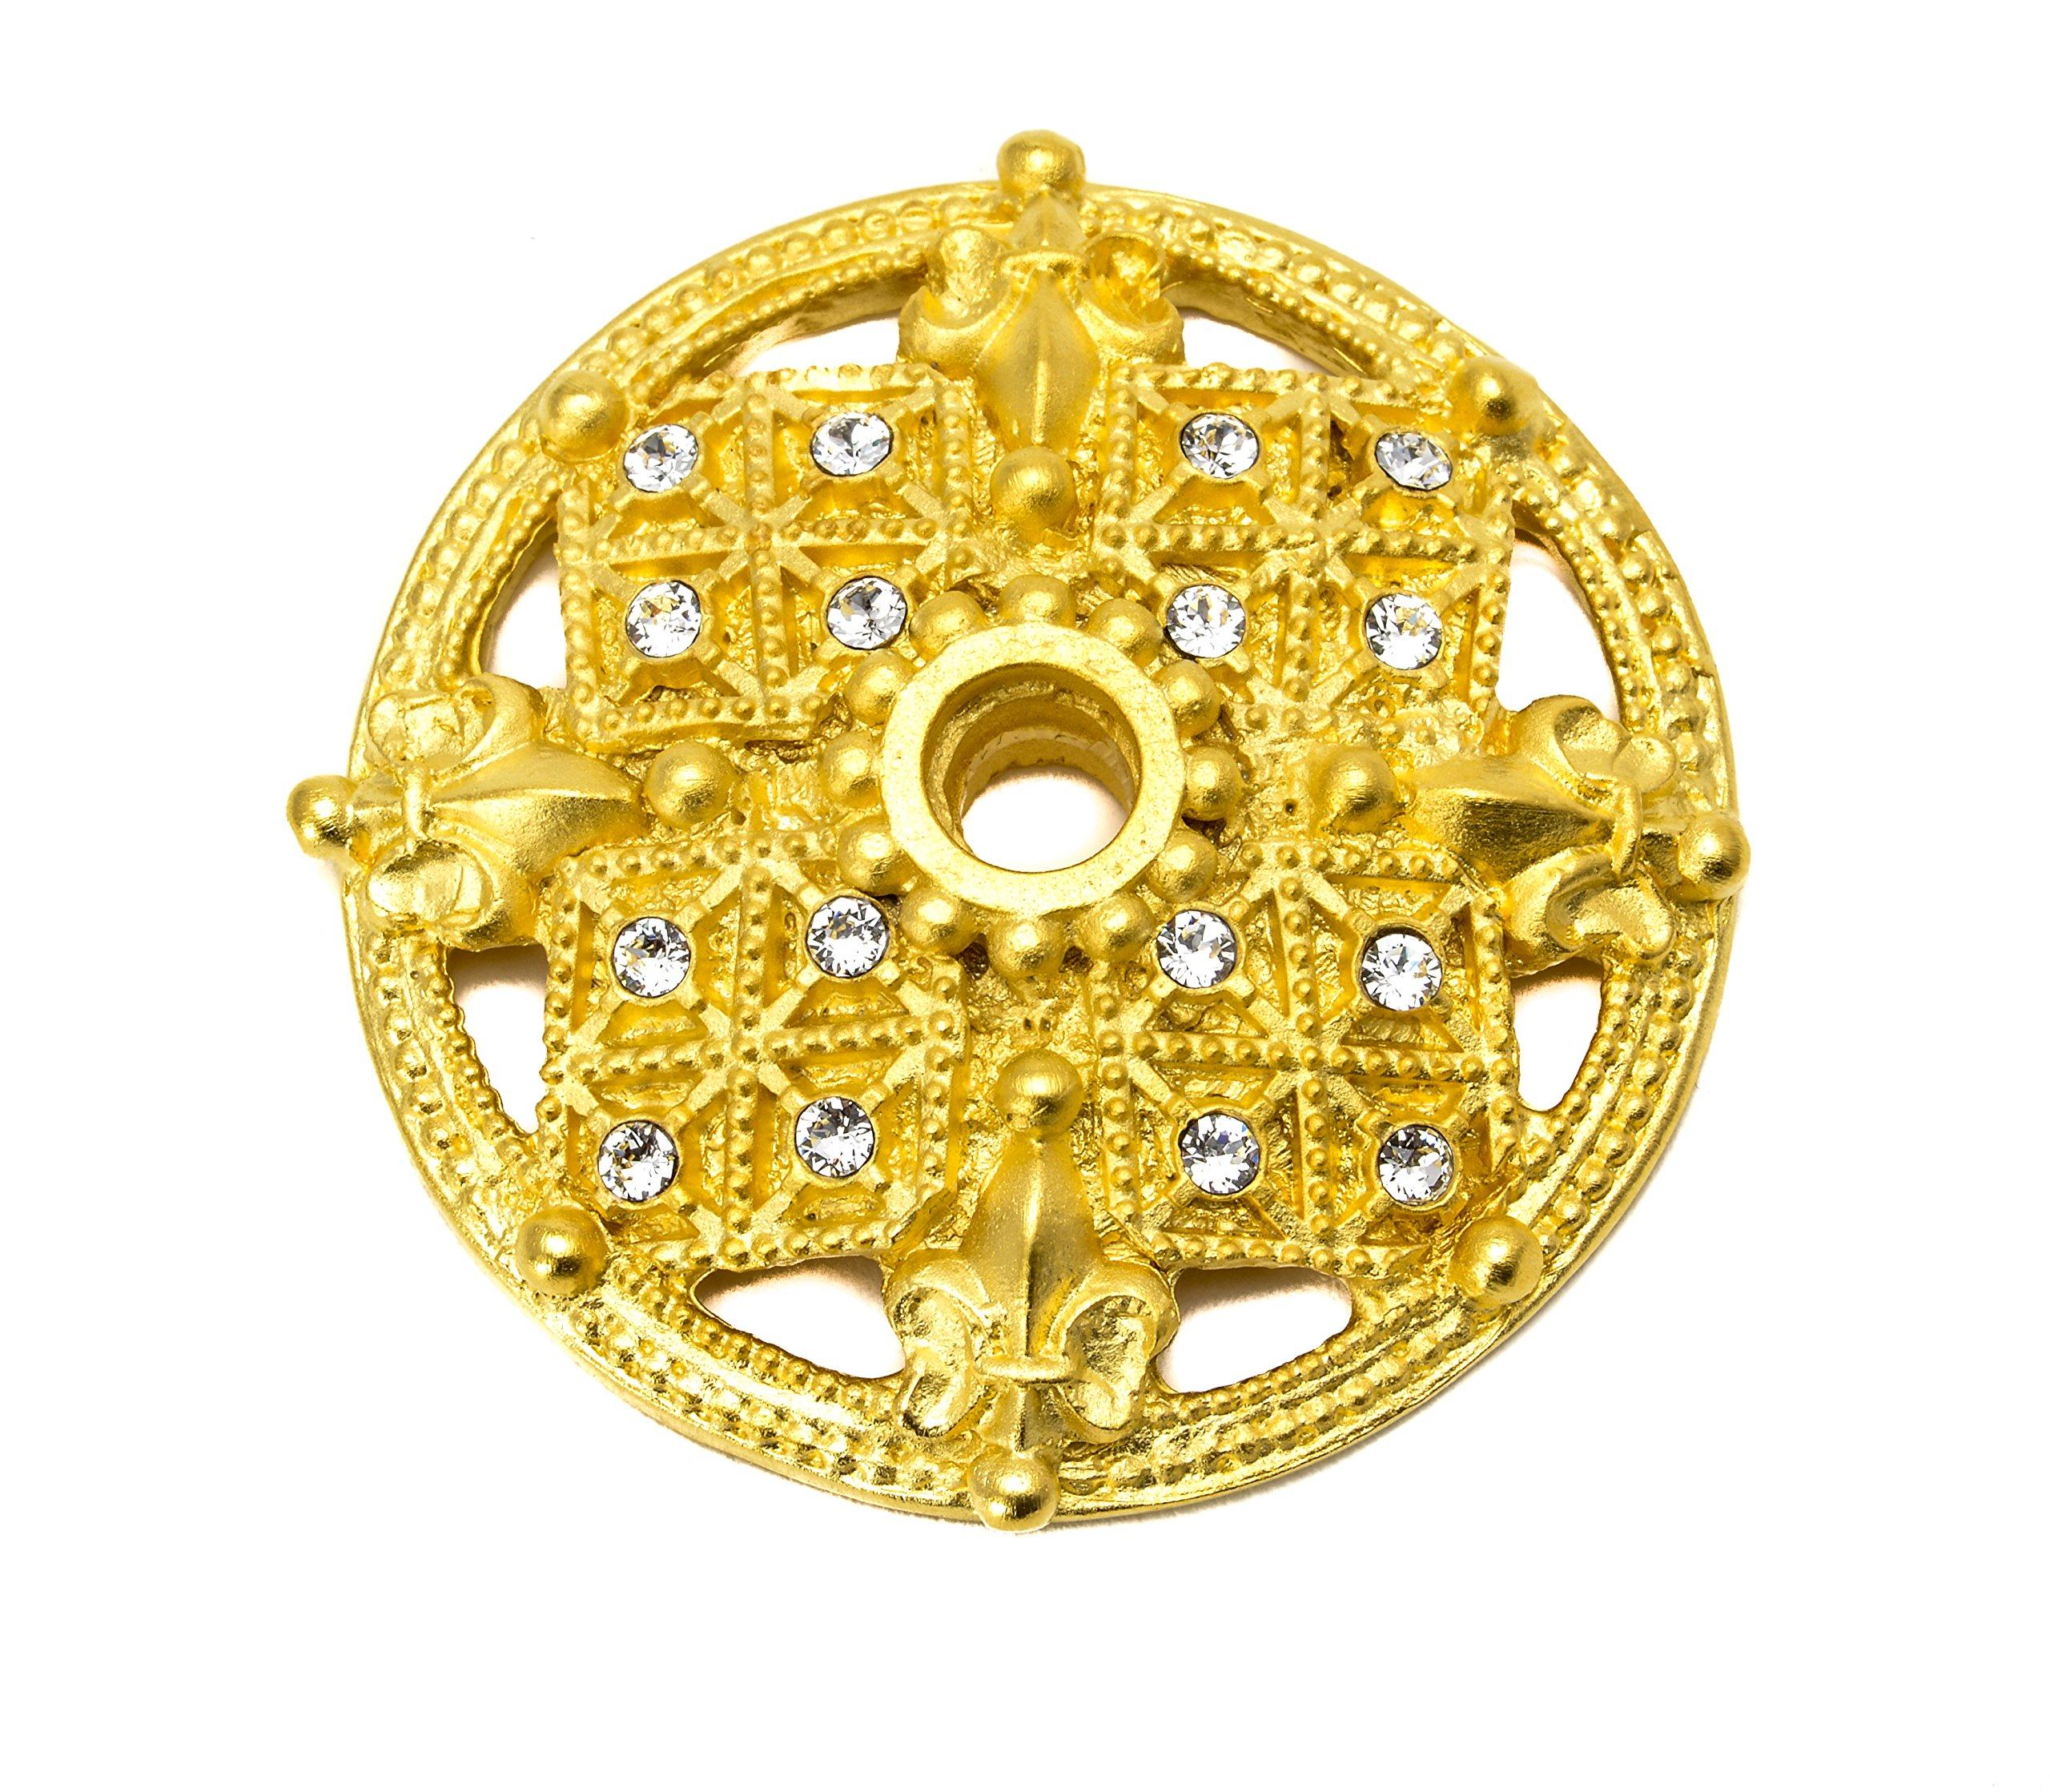 Carpe Diem Hardware 7628-8C Versailles Large Round Escutcheon with Swarovski Crystals, Gilded Mercury